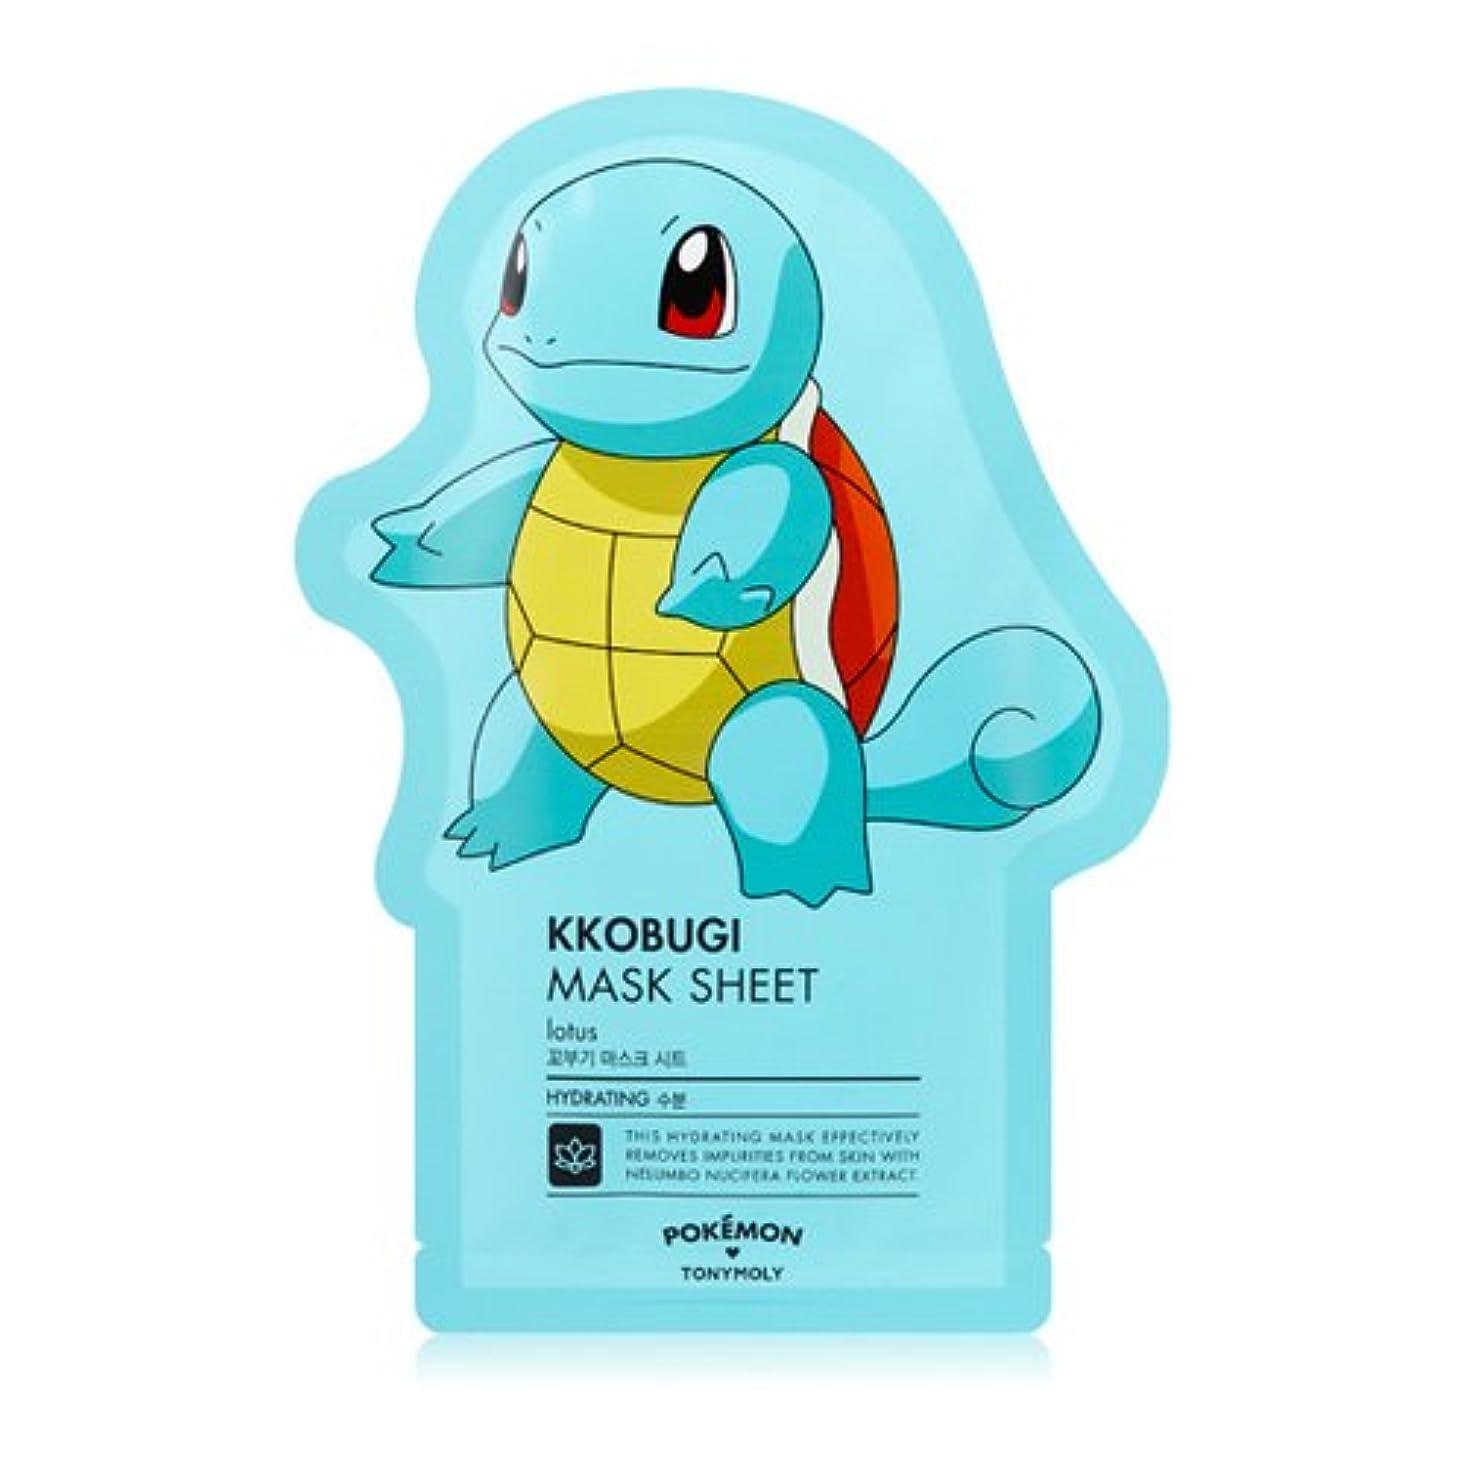 滅多雑多なわずかな(3 Pack) TONYMOLY x Pokemon Squirtle/Kkobugi Mask Sheet (並行輸入品)